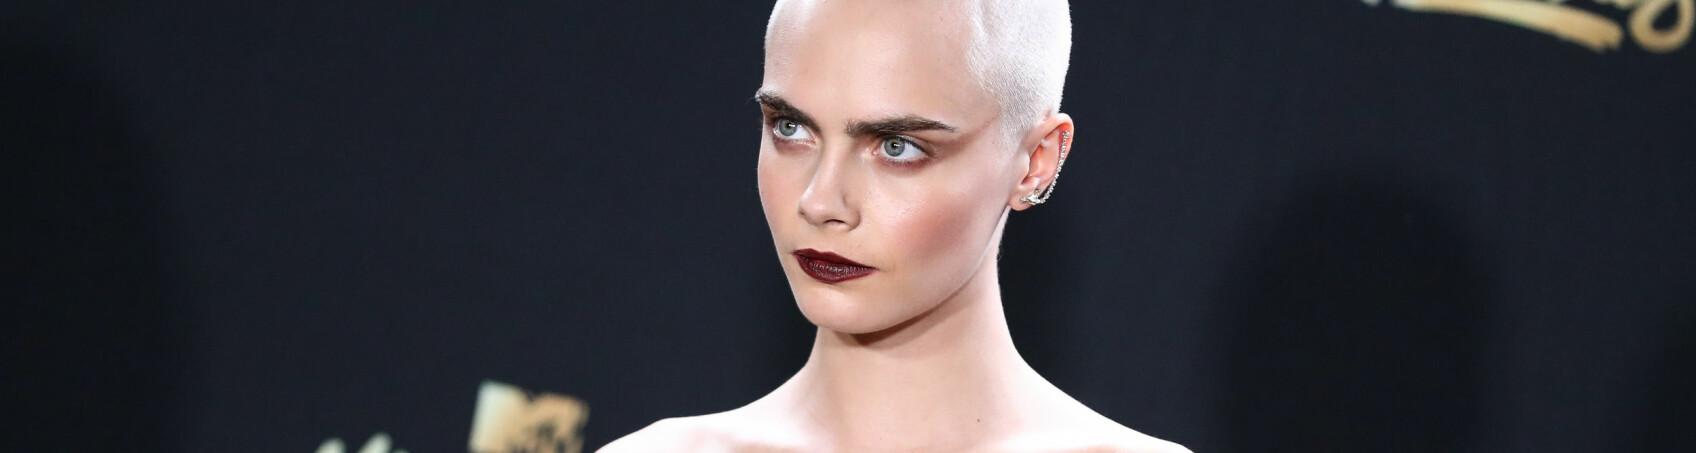 BARBERTE AV SEG HÅRET: Tidligere i år kvittet Cara Delevingne seg med håret for å spille en kreftsyk jente i filmen «Life In a Year». FOTO: Scanpix